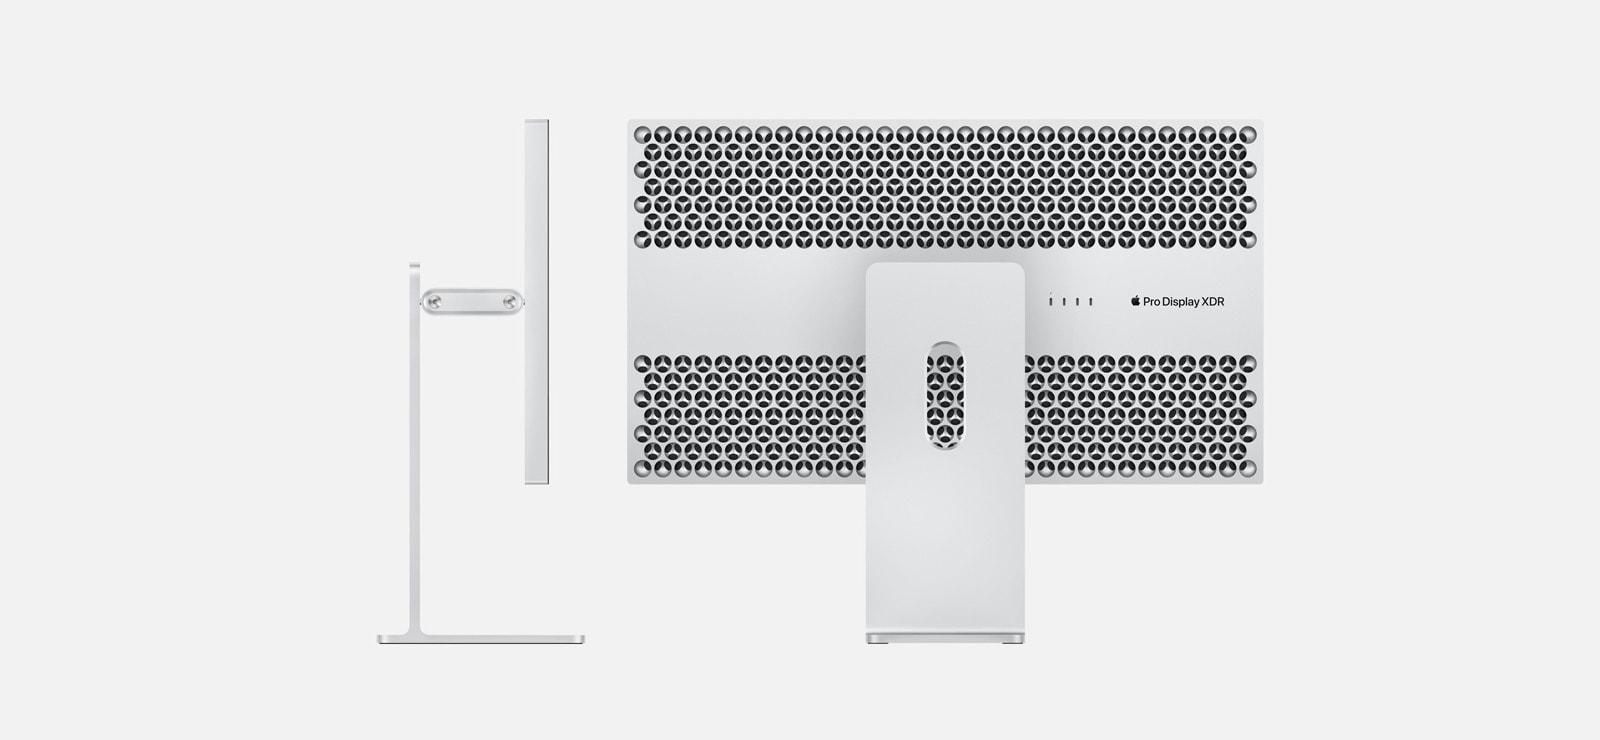 This would make a killer iMac.